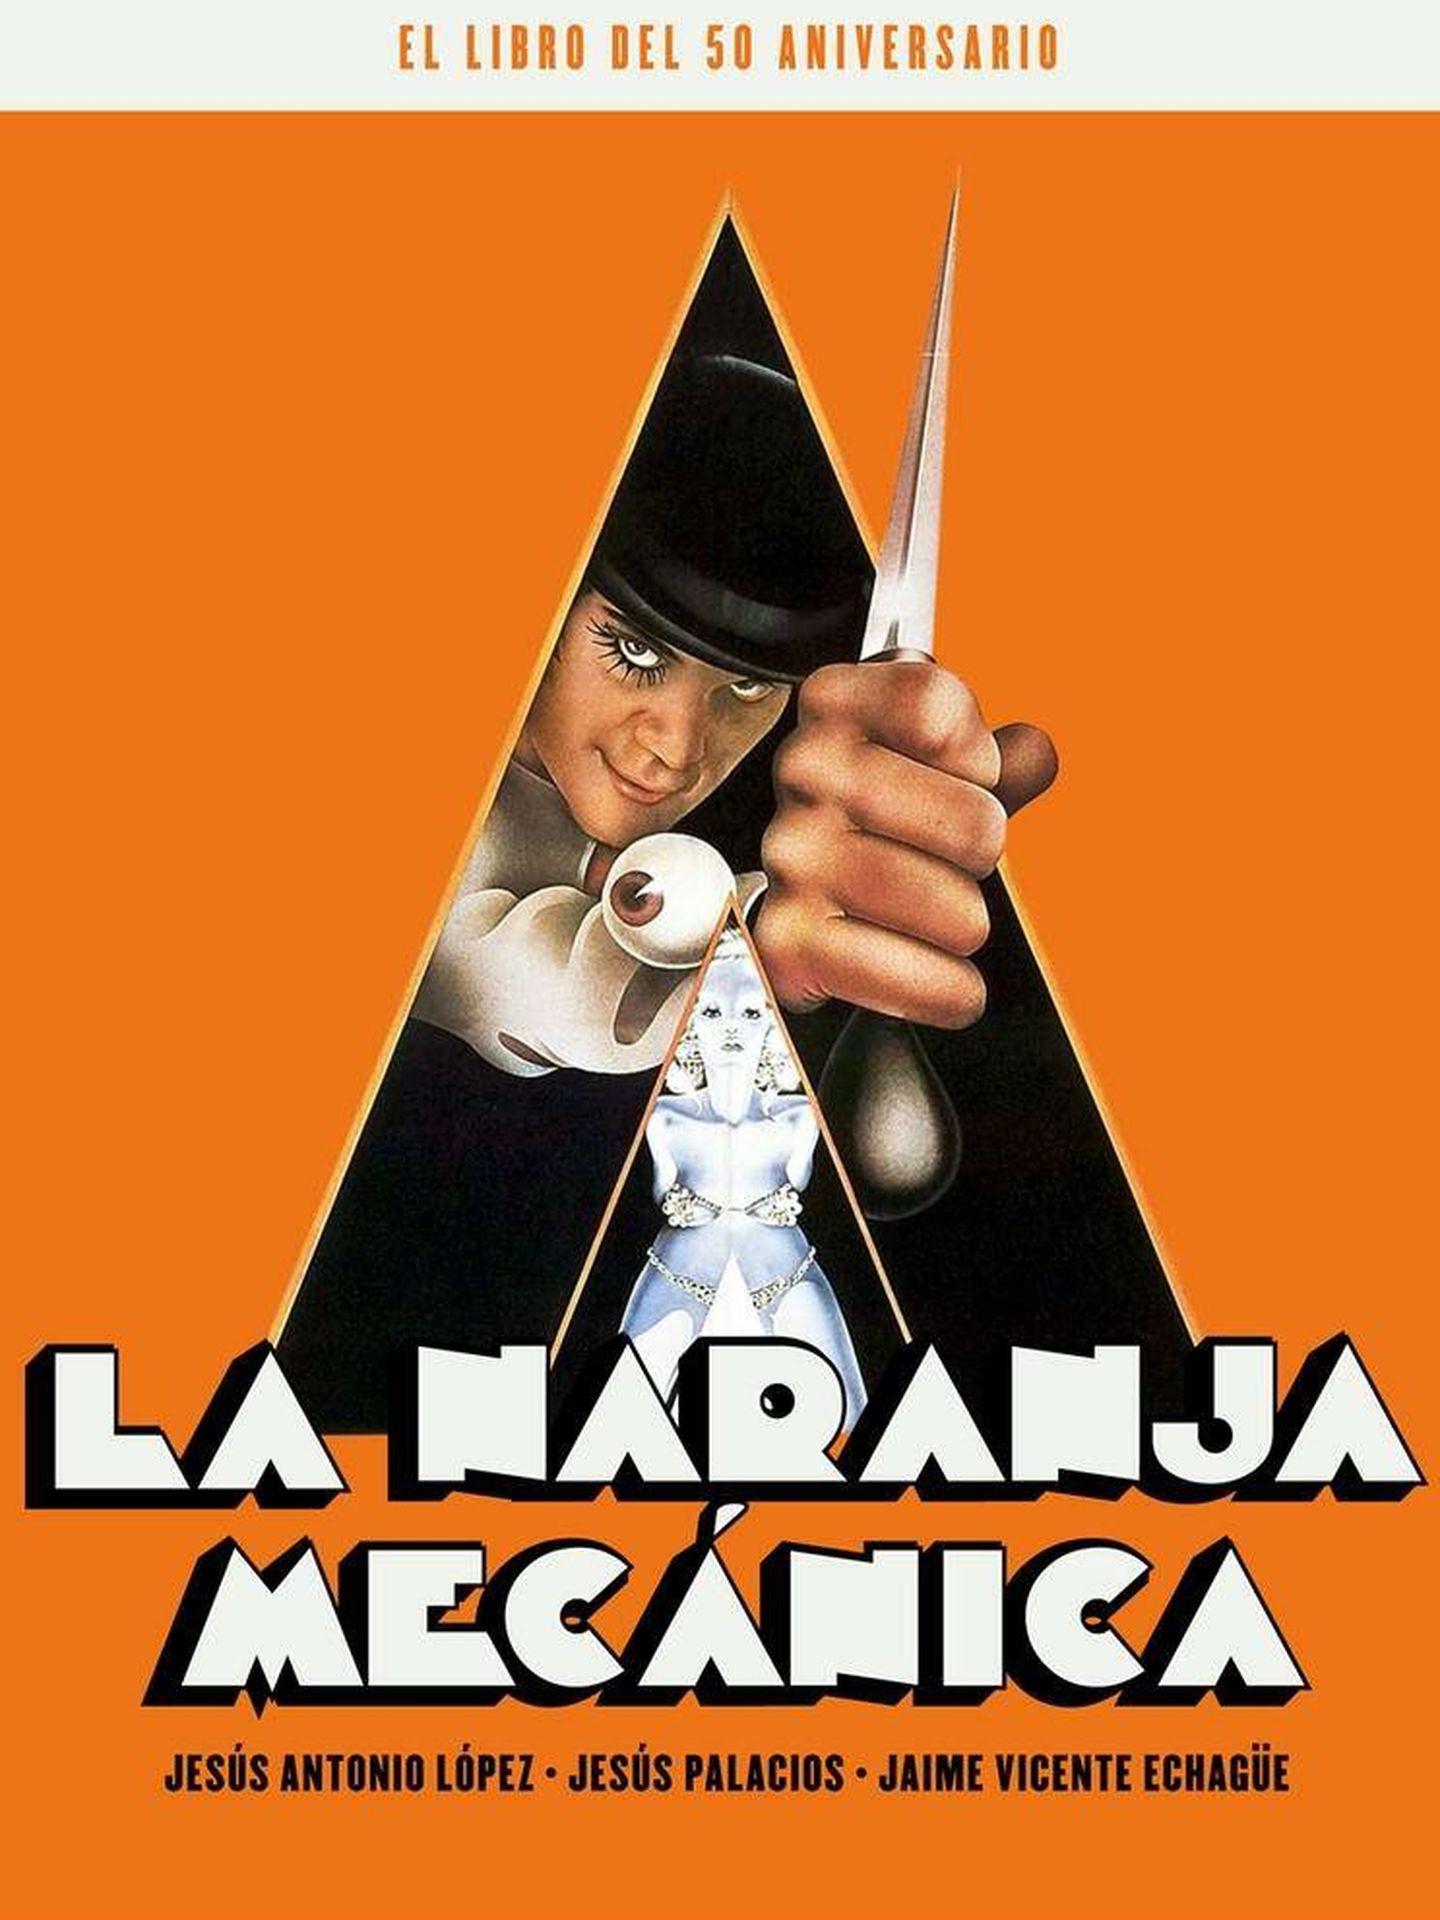 Portada del libro 'La naranja mecánica. El libro del 50 aniversario'. (Notorious Ediciones)